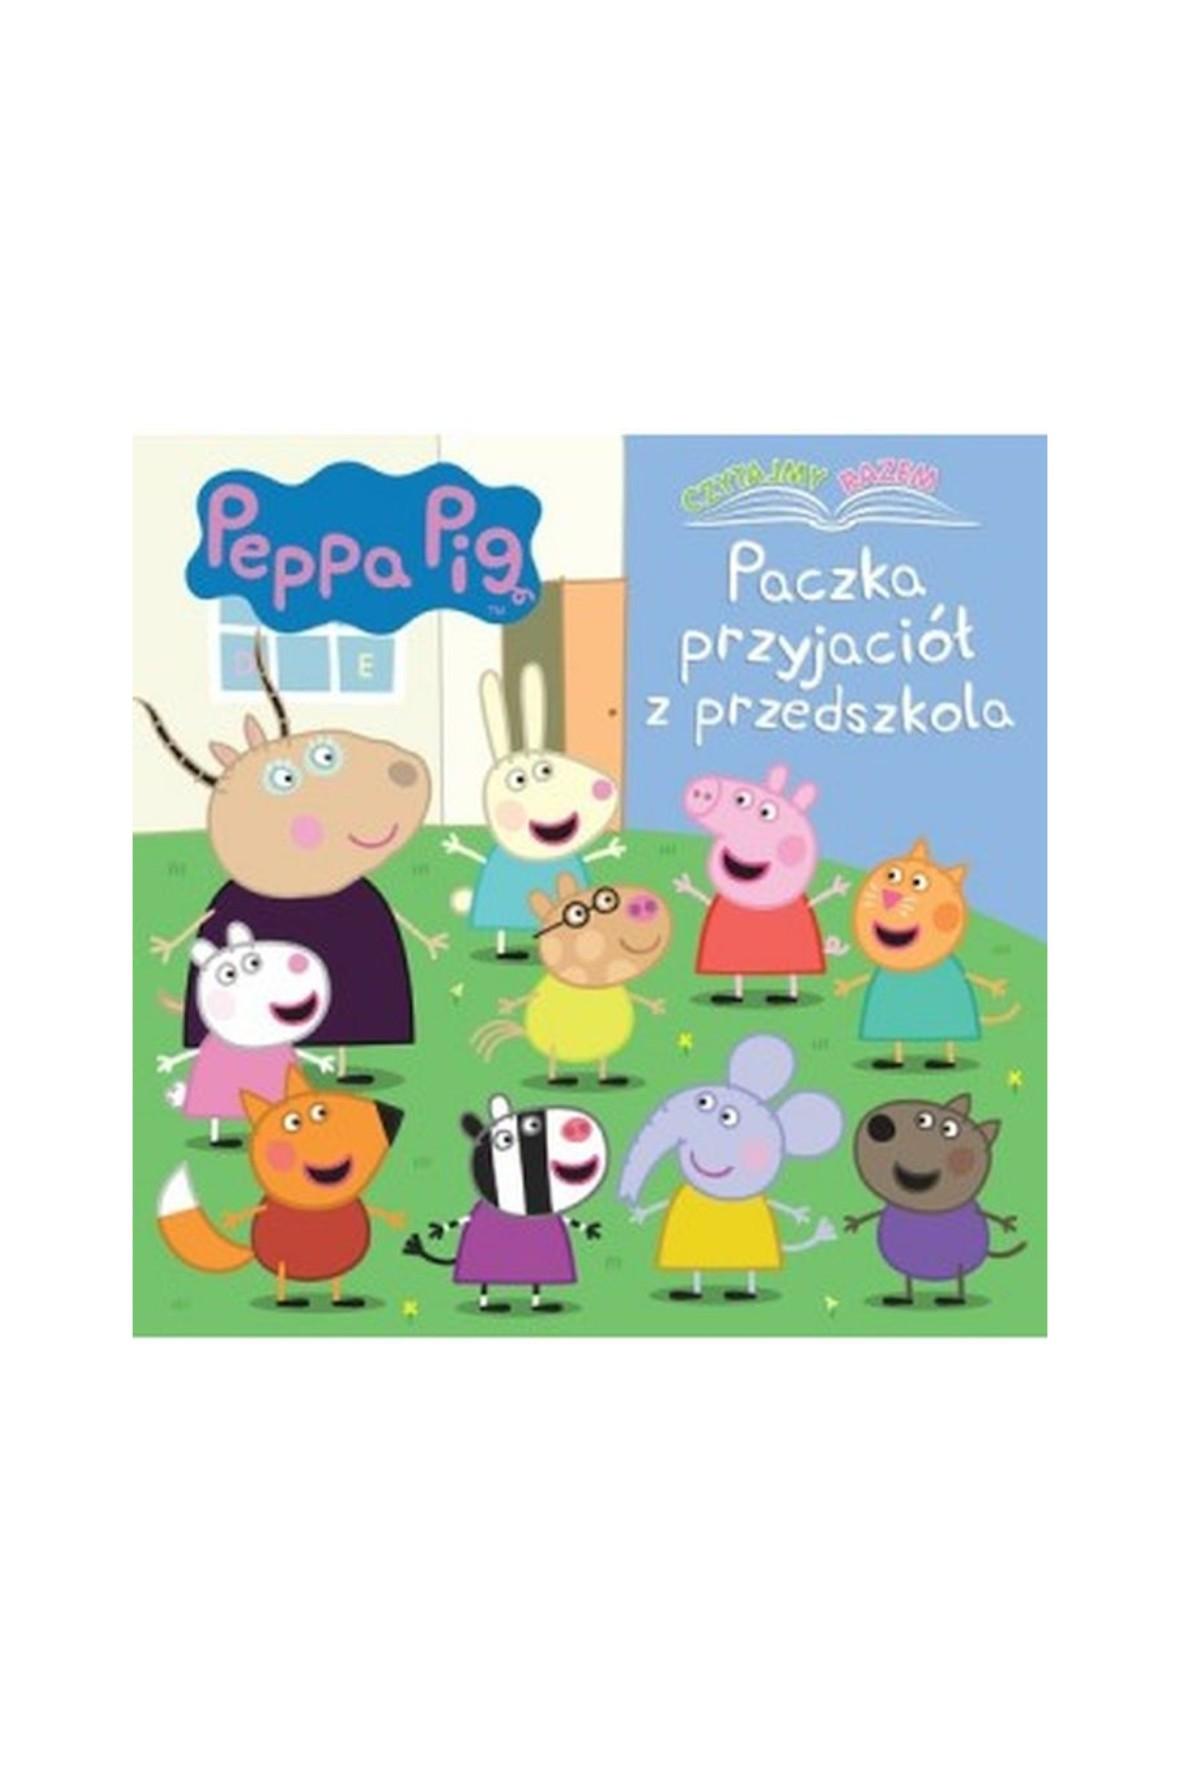 Książeczka Świnka Peppa. Czytajmy razem. Paczka przyjaciół z przedszkola.